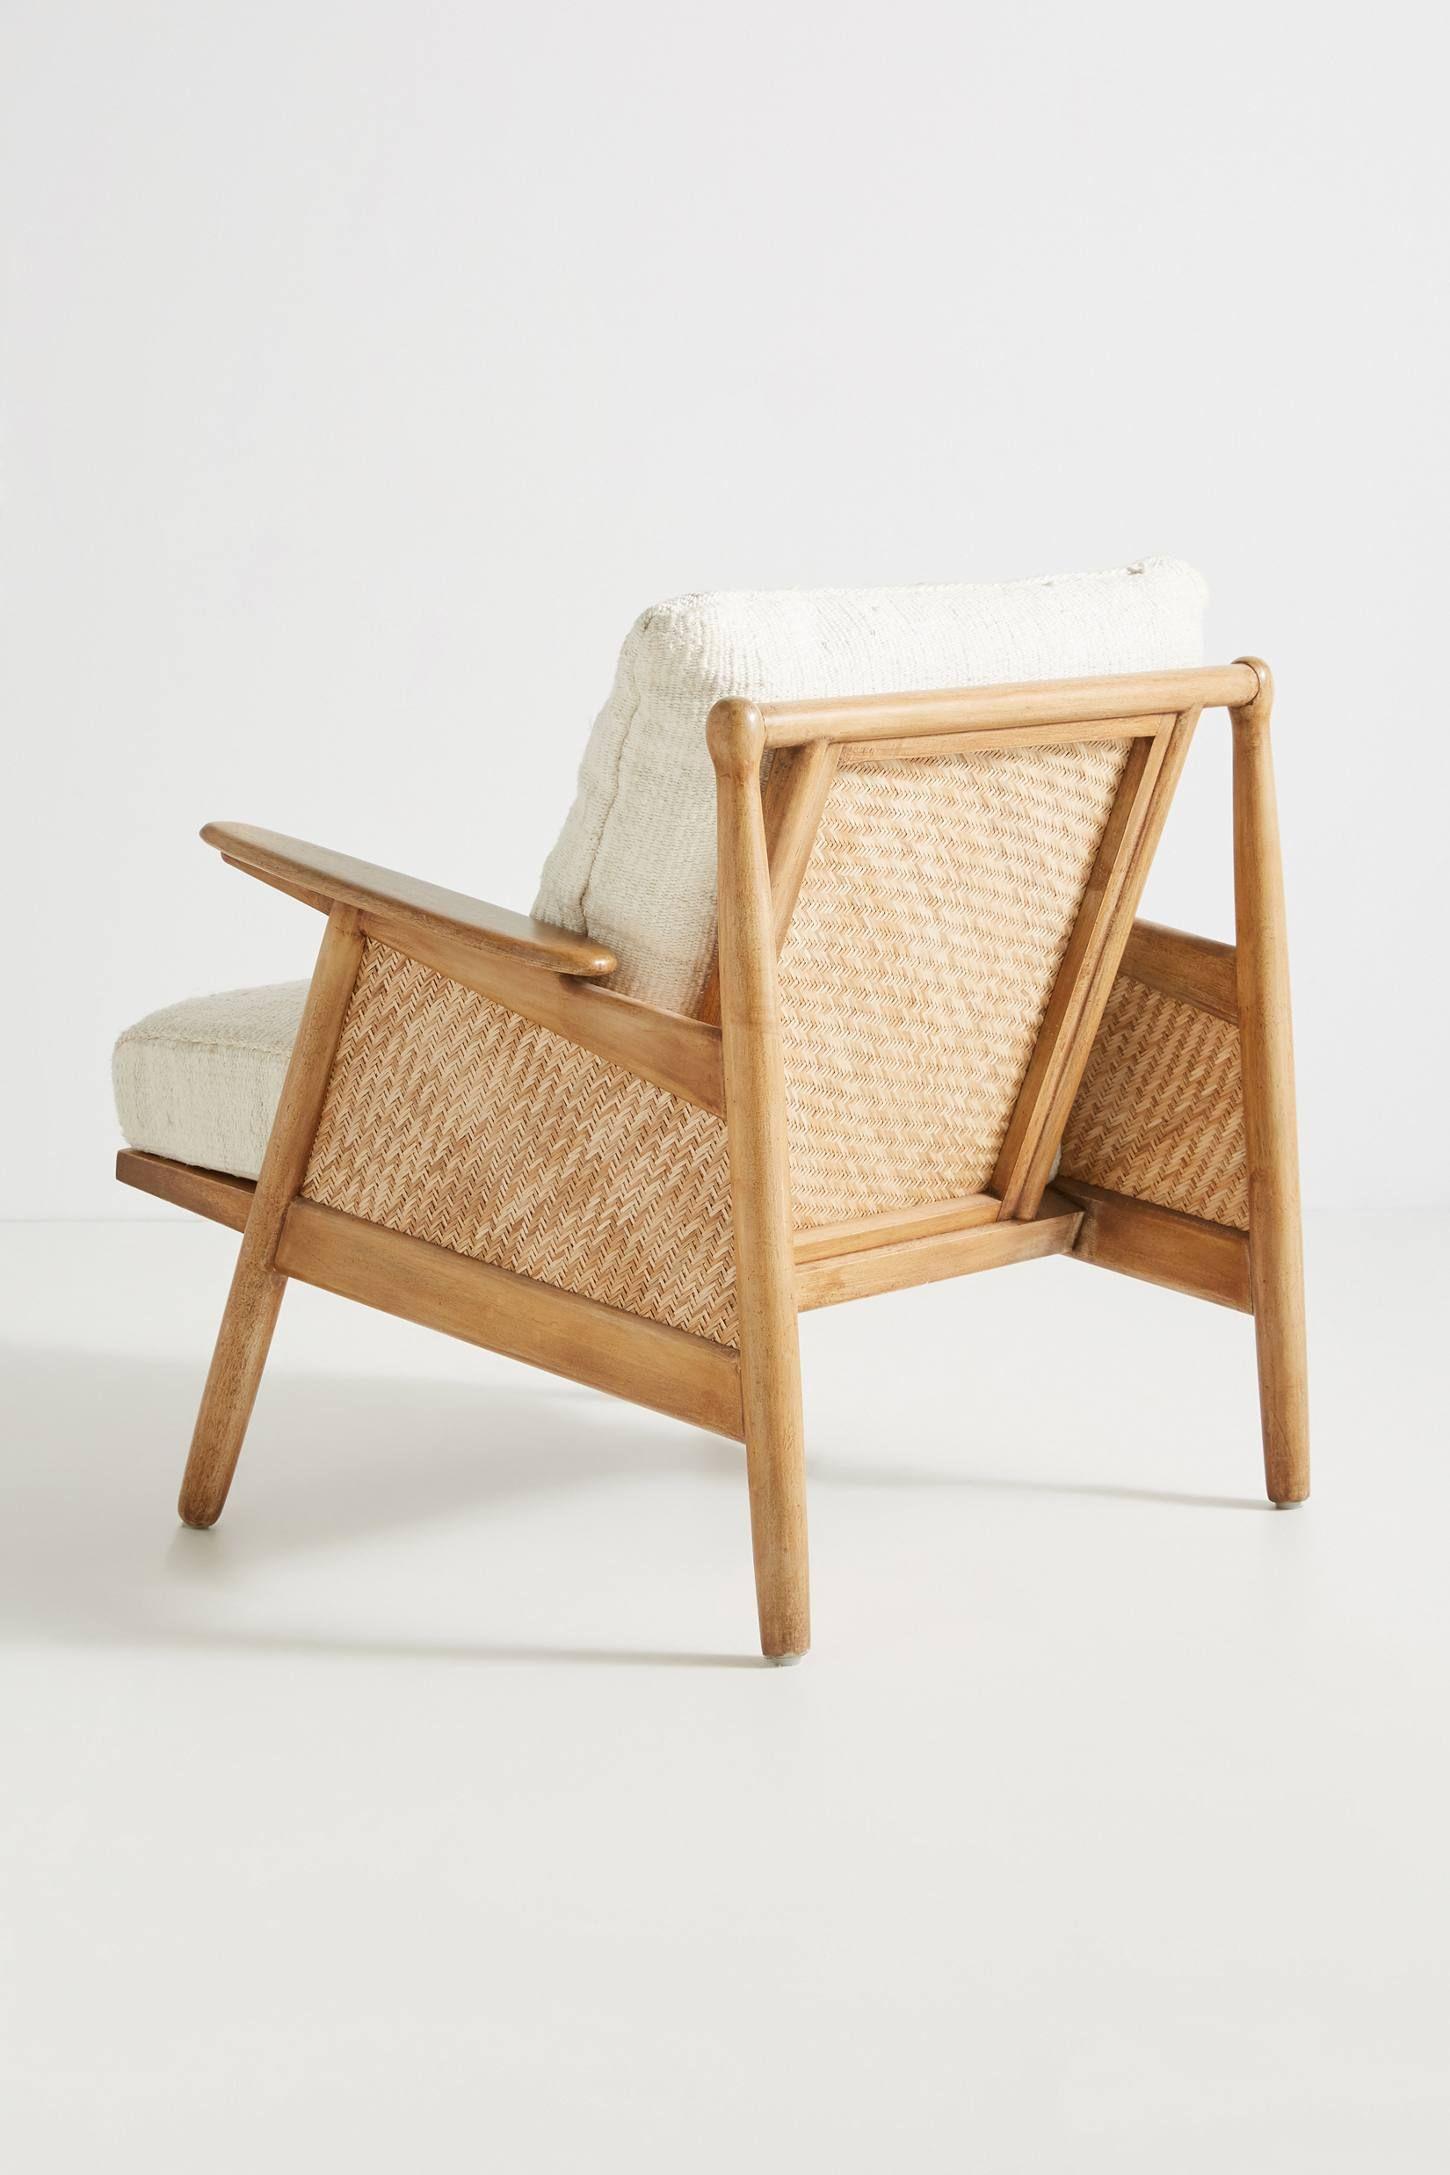 Linen Cane Chair Furniture Bamboo Chair Design Furniture Chair